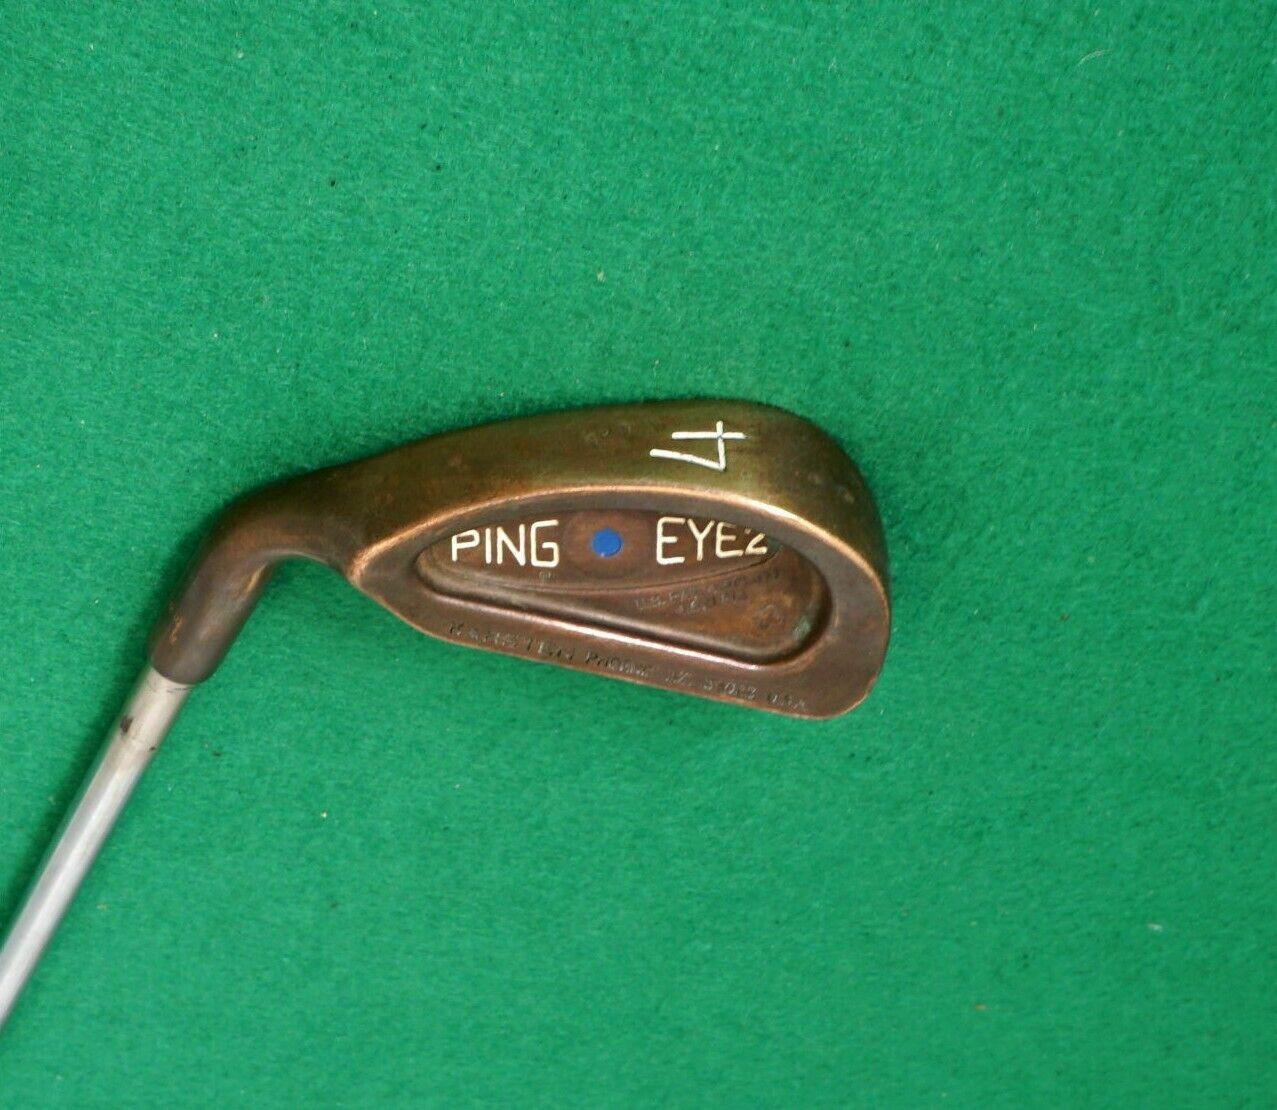 Zurdo  Ping Eye2+ Becu Cobre Berilio Punto Azul 4 Regular De Hierro Eje De Acero  alta calidad